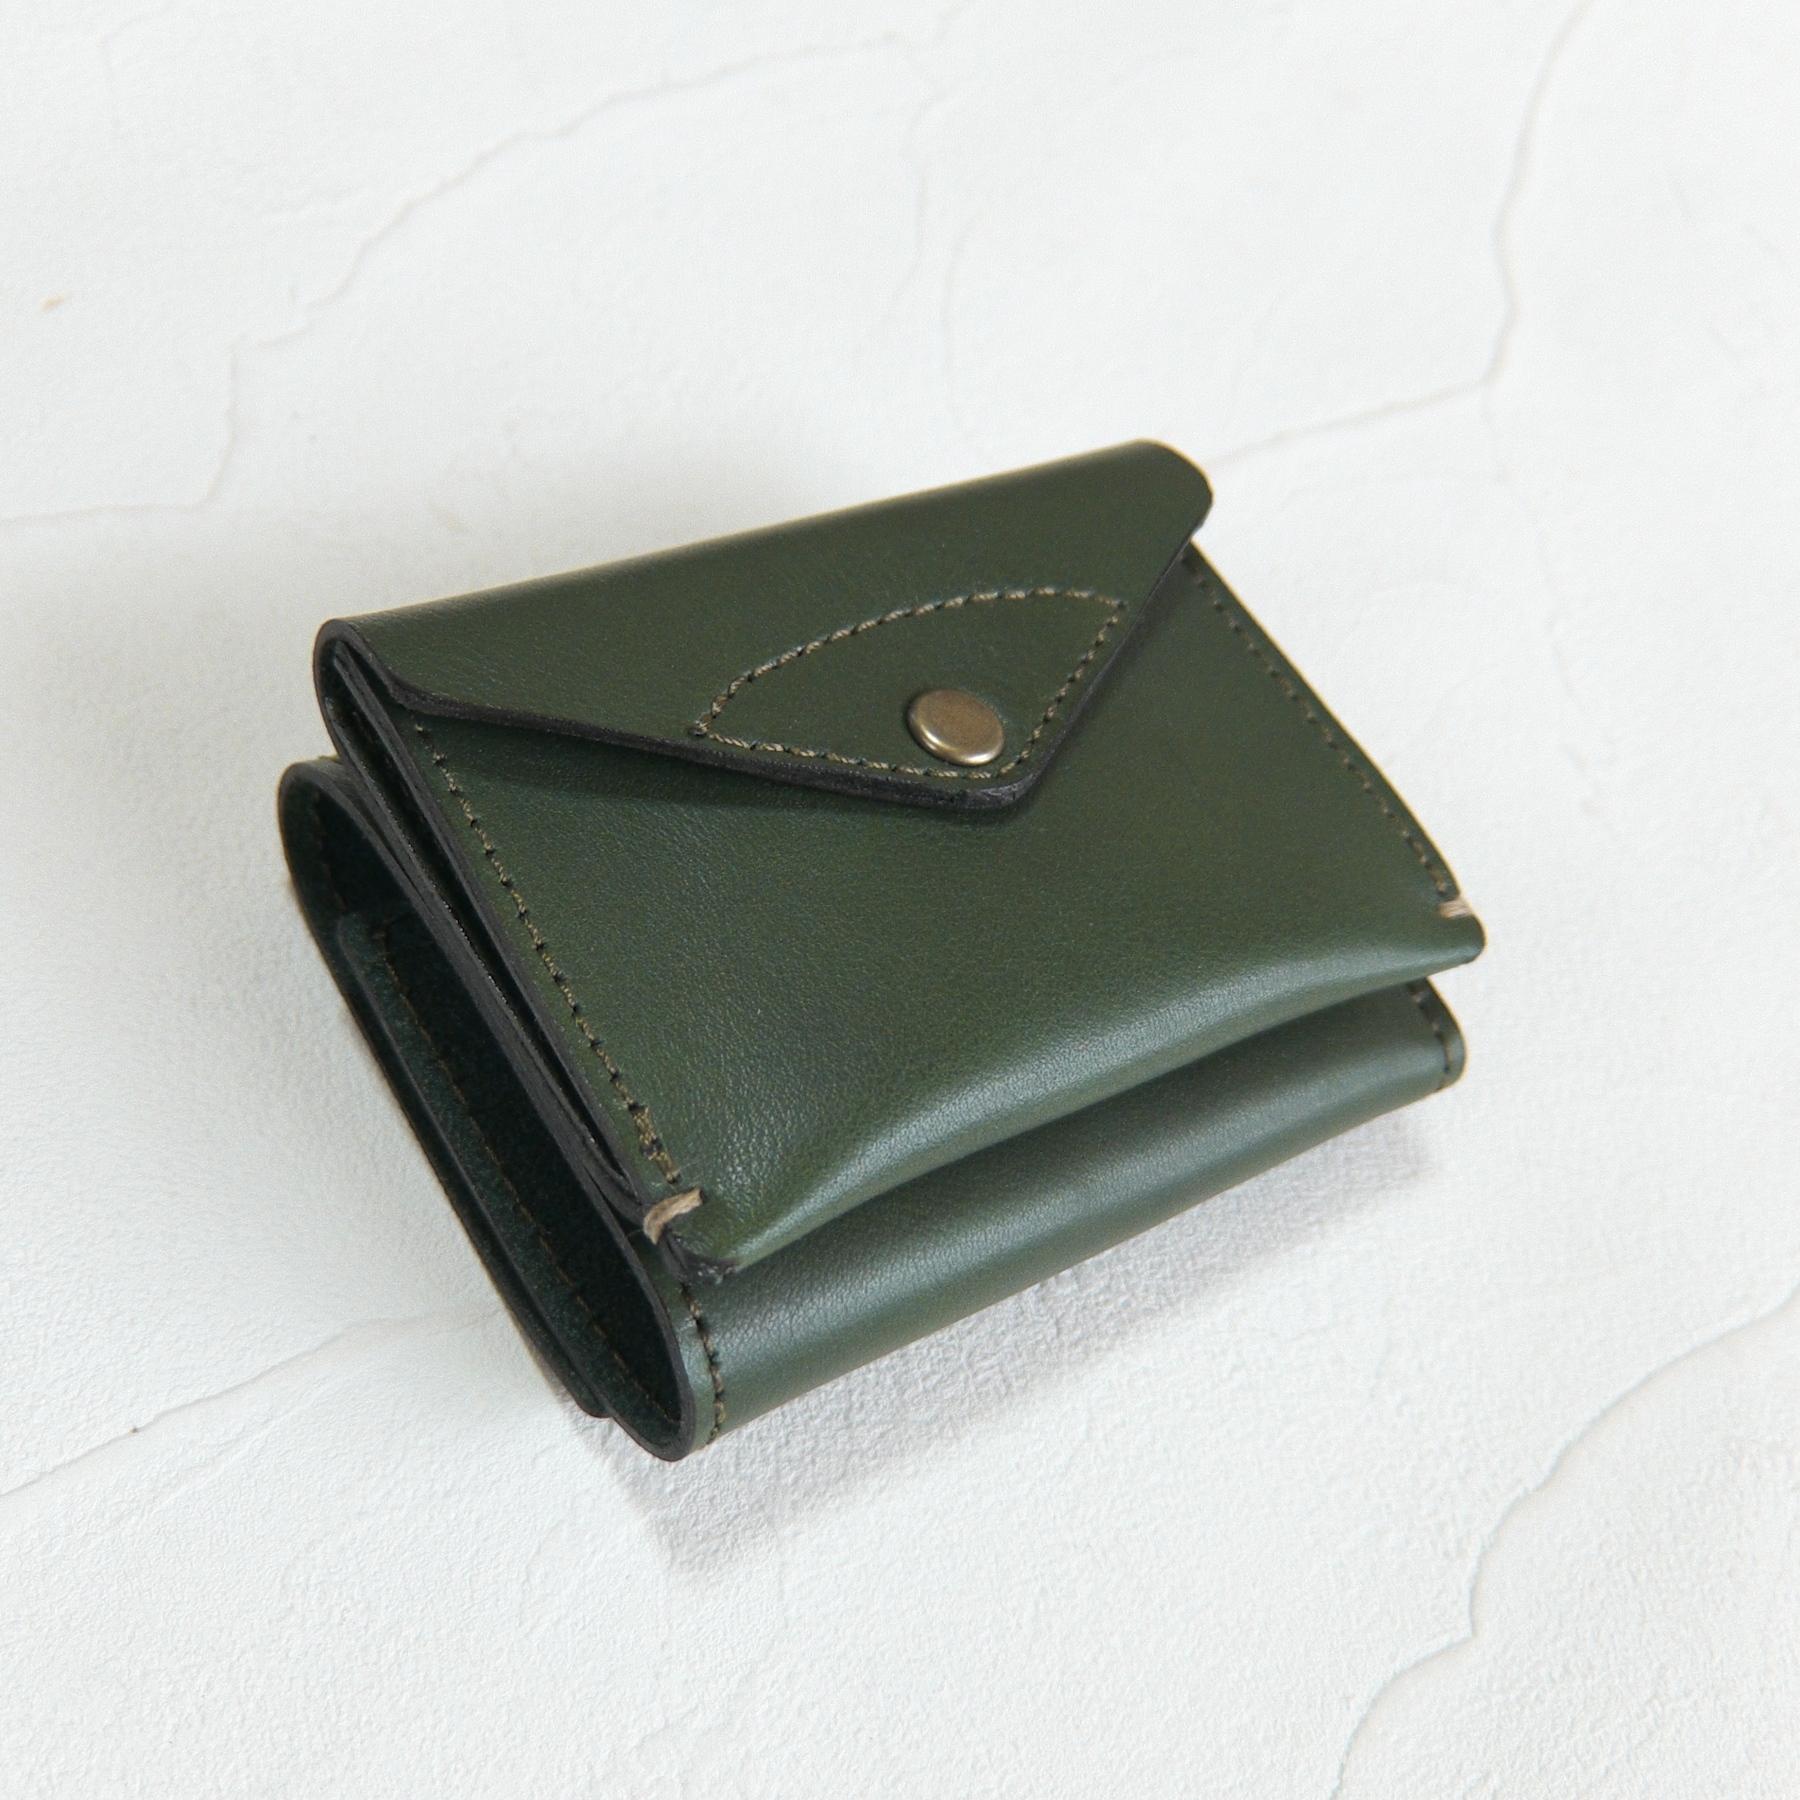 【受注生産】3つ折り財布 Green